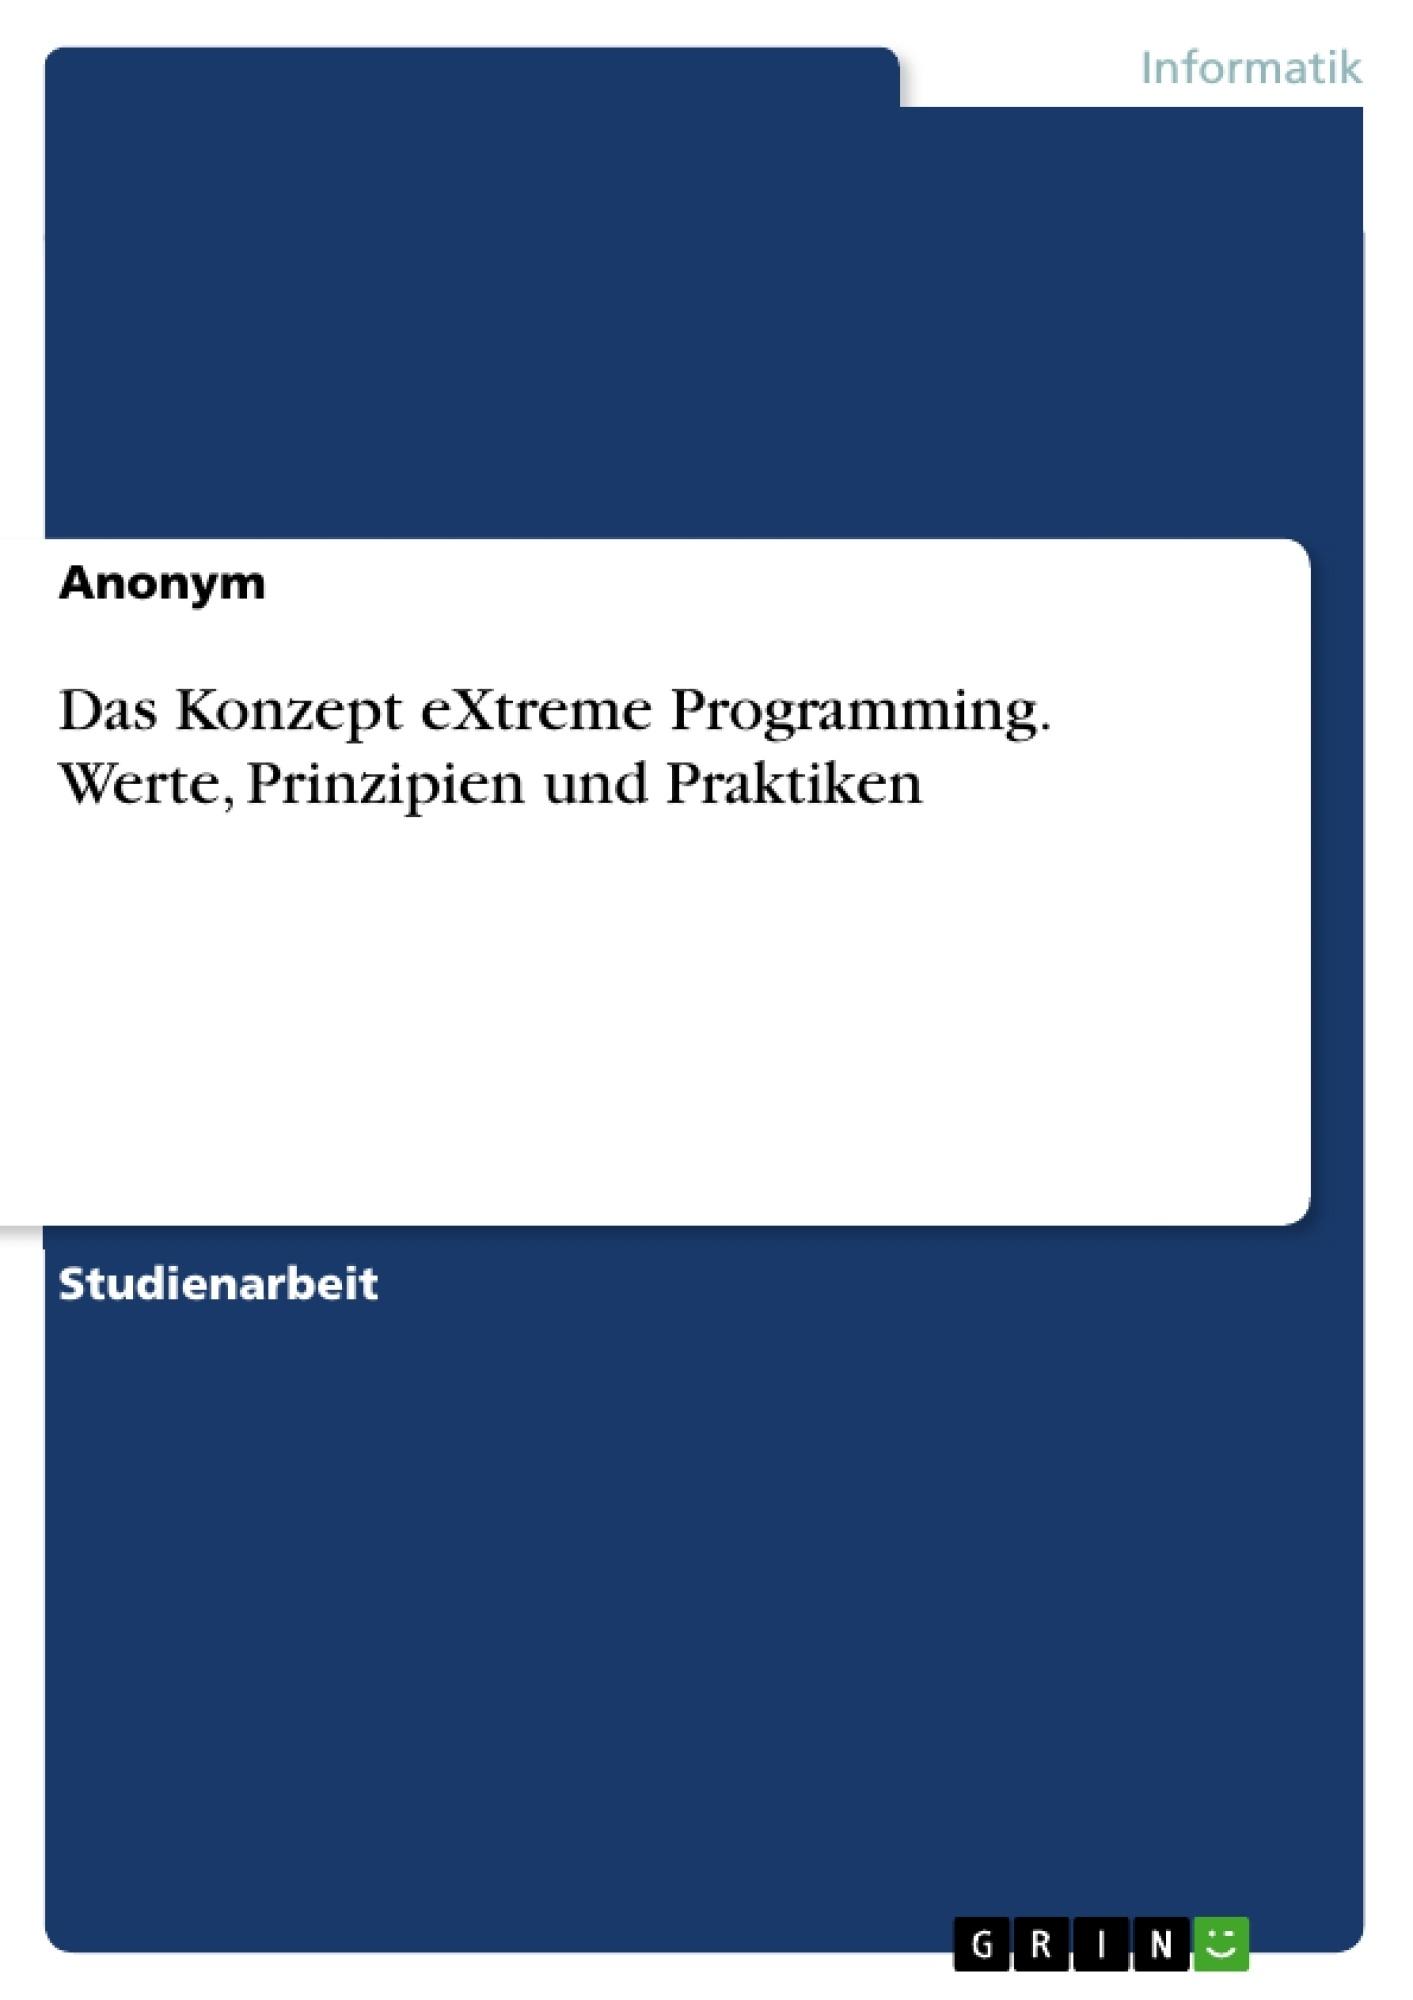 Titel: Das Konzept eXtreme Programming. Werte, Prinzipien und Praktiken